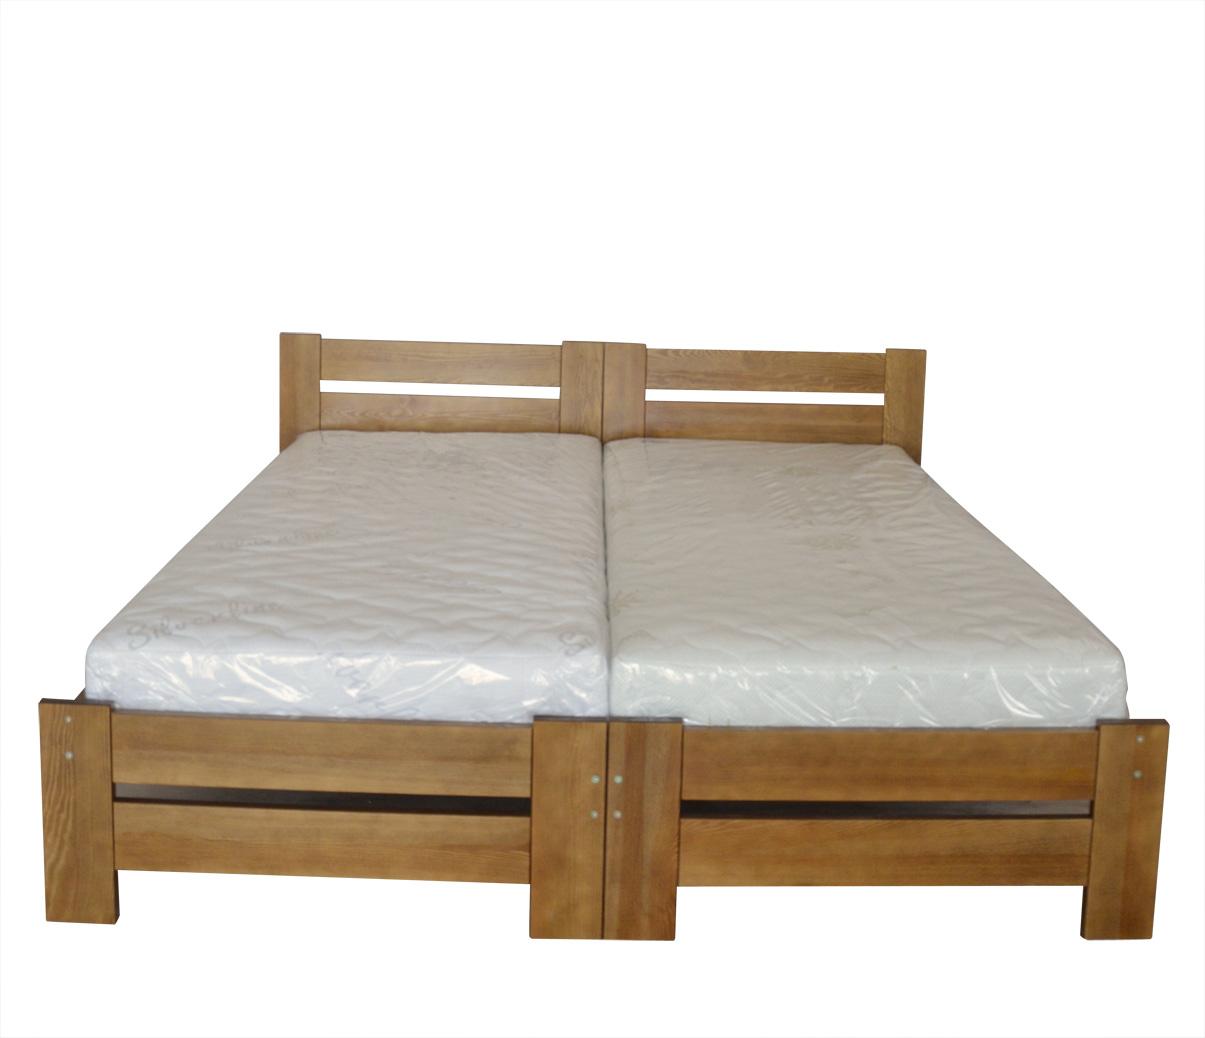 łóżko Hotelowe Pl Z Możliwością łączenia